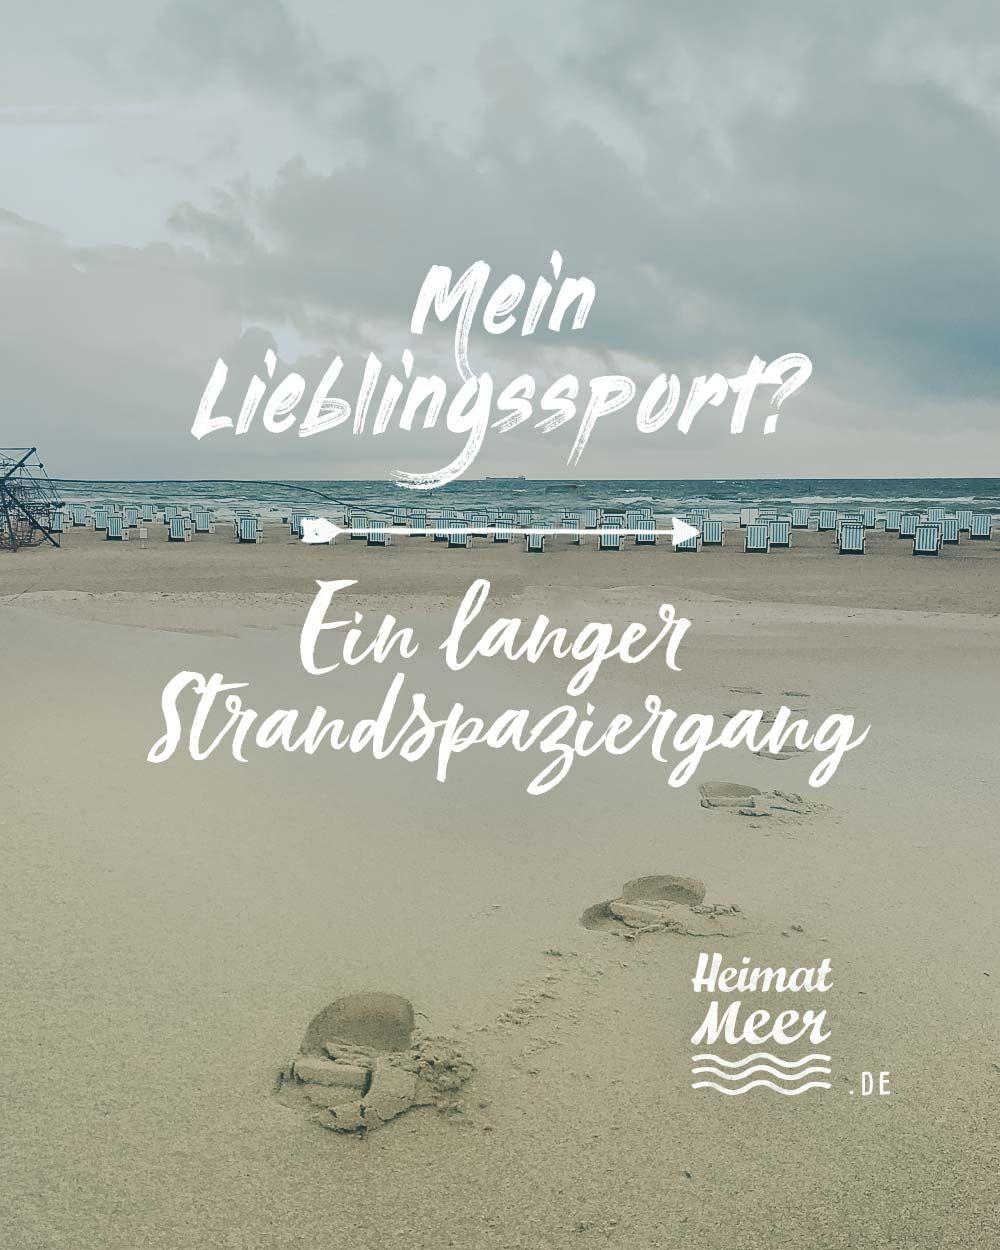 Mein Lieblingssport? Ein langer Strandspaziergang🌊Mee(h)r für alle, die das Meer lieben>>